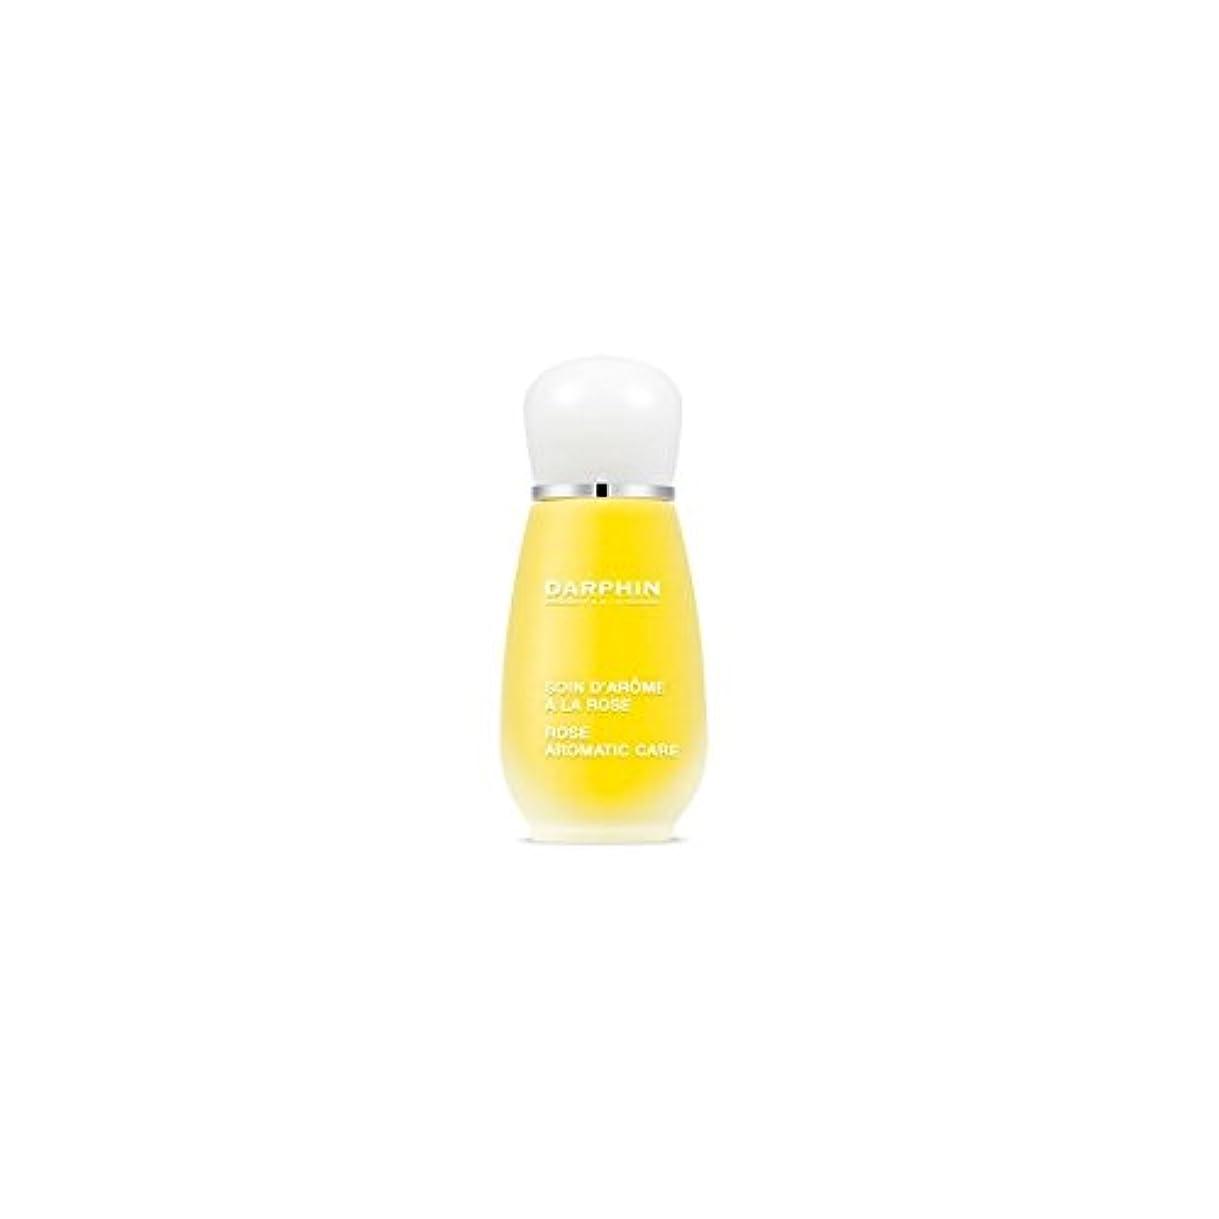 産地イサカイライラするDarphin Rose Aromatic Care (15ml) (Pack of 6) - 芳香ケア(15ミリリットル)をバラダルファン x6 [並行輸入品]